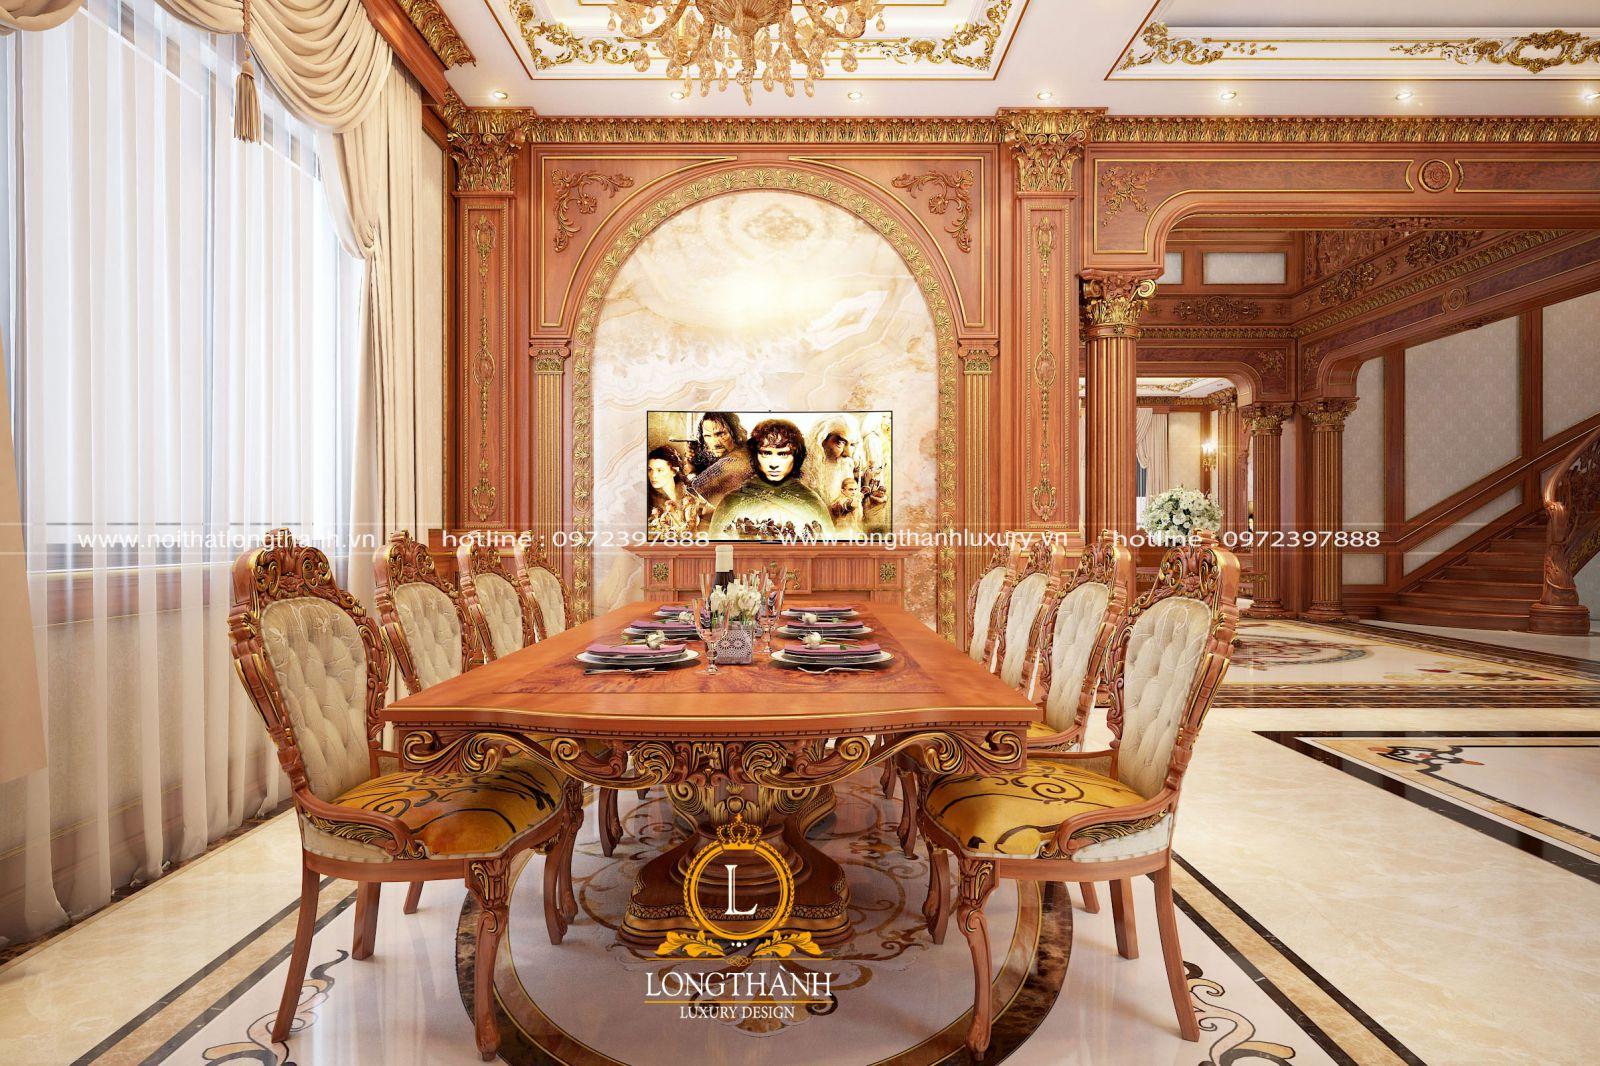 Bàn ăn tân cổ điển 8 ghế gỗ tự nhiên dát vàng